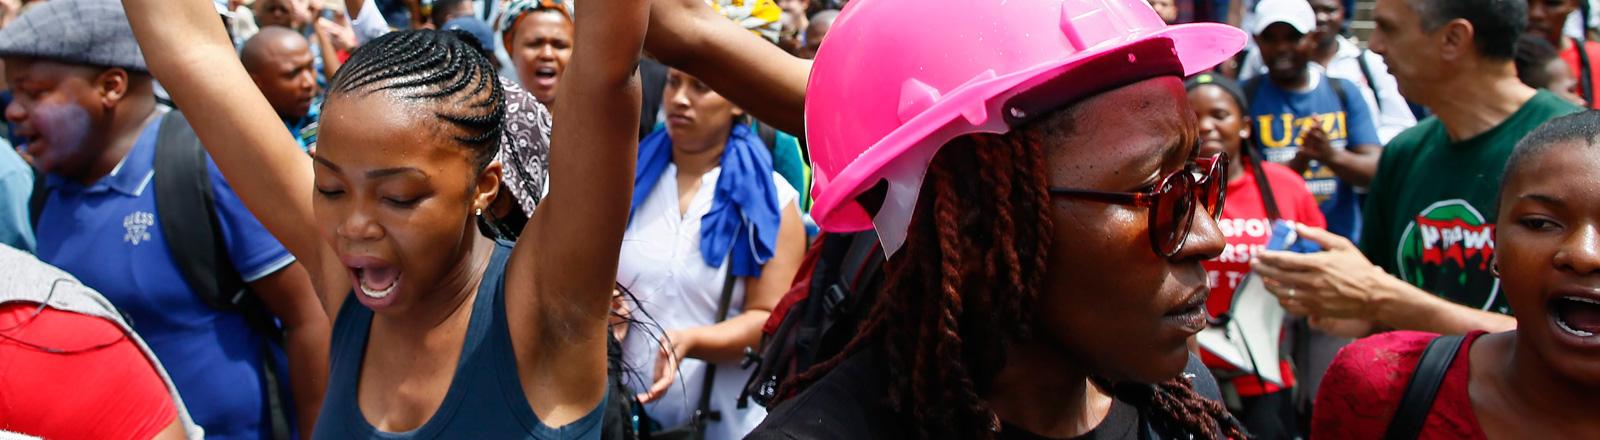 Studenten der Universität Capetown protestieren gegen die Erhöhung der Studiengebühren - am 21.10.2015.